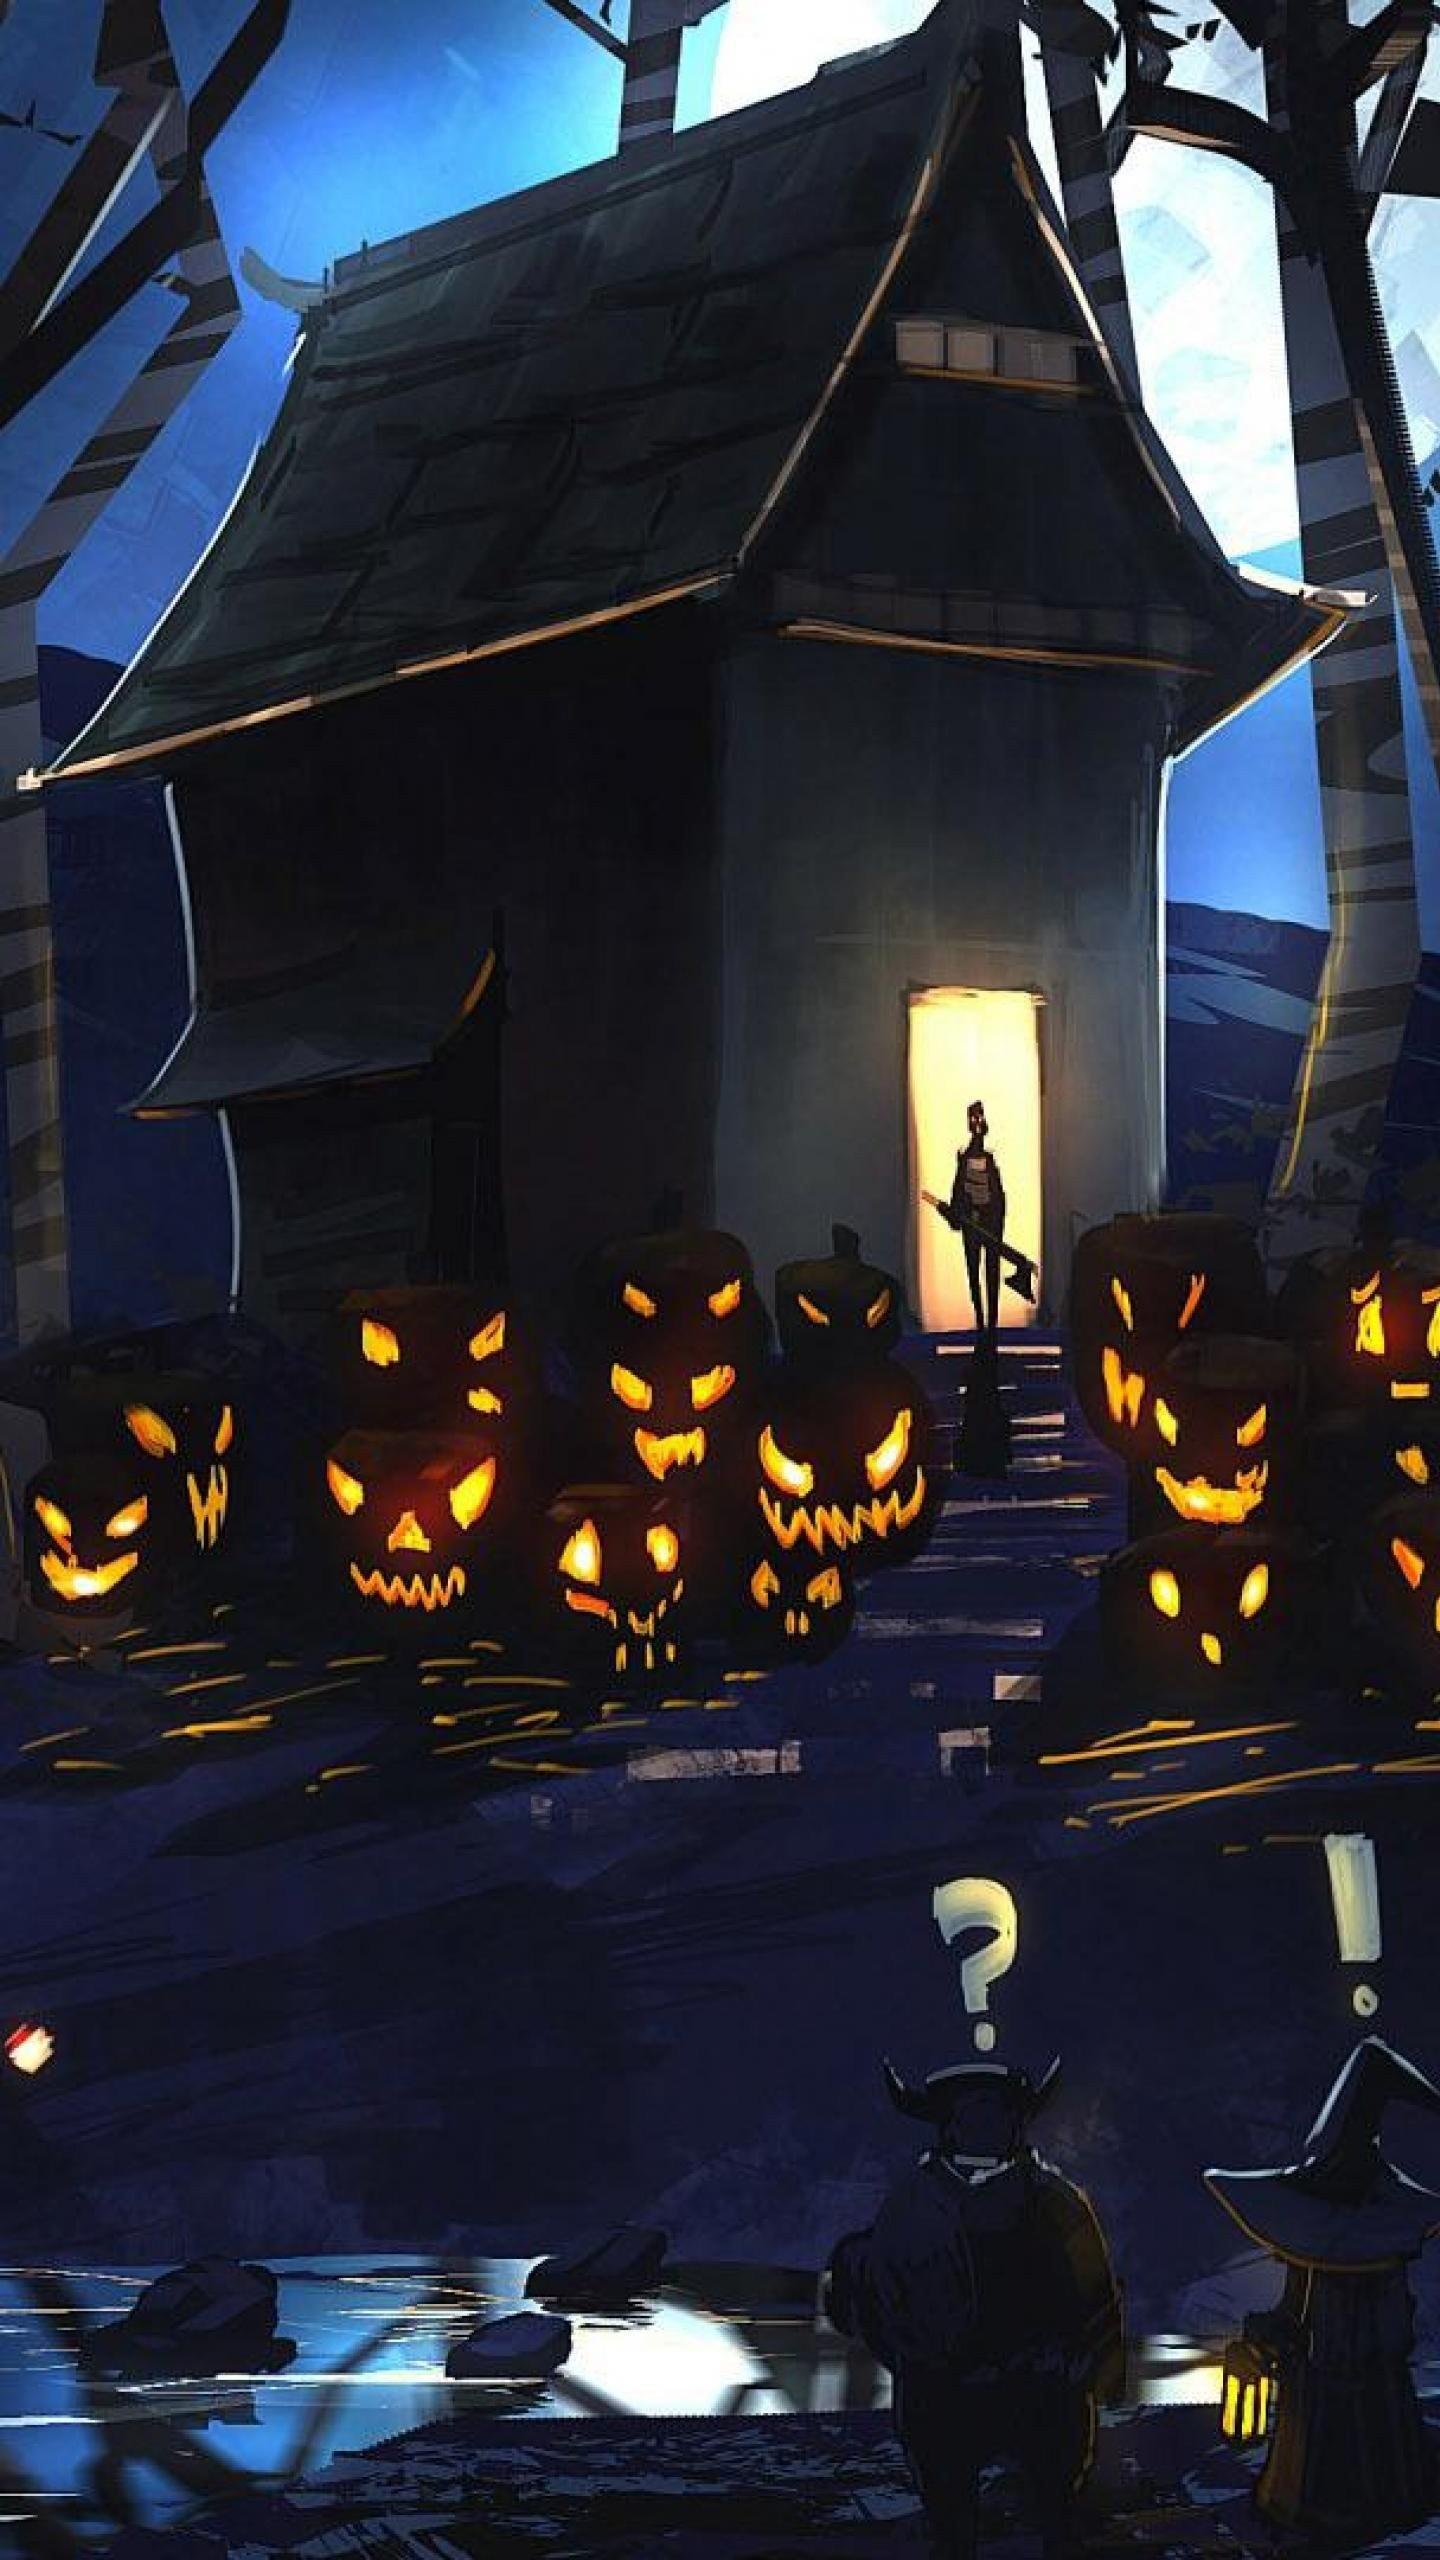 Popular Wallpaper Halloween Galaxy S6 - halloween-pumpkins-wallpaper-background-1440x2560  Collection_65352.jpg